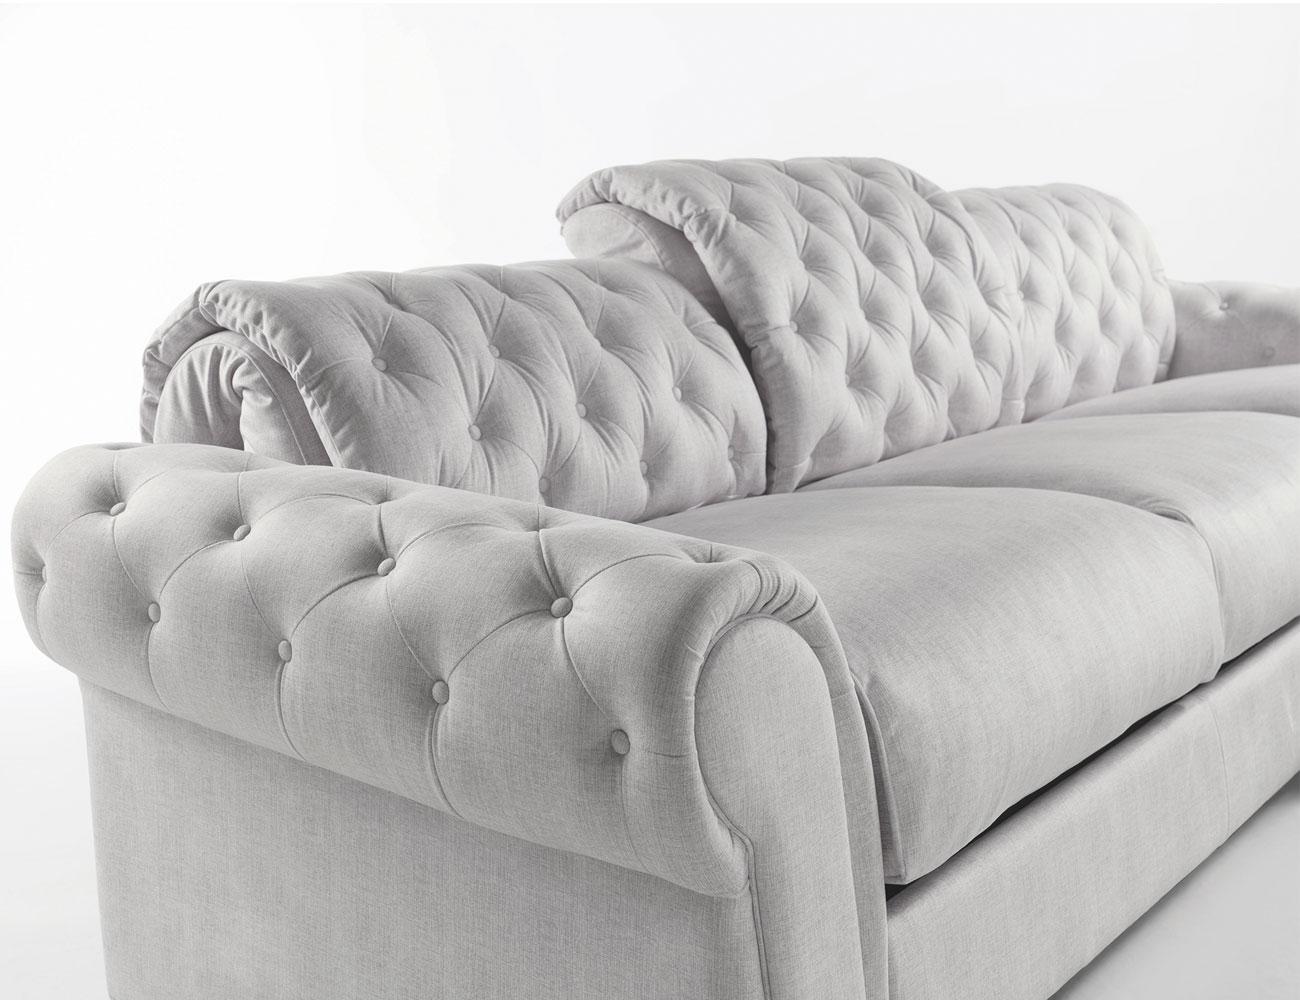 Sofa chaiselongue gran lujo decorativo capitone blanco tela 141